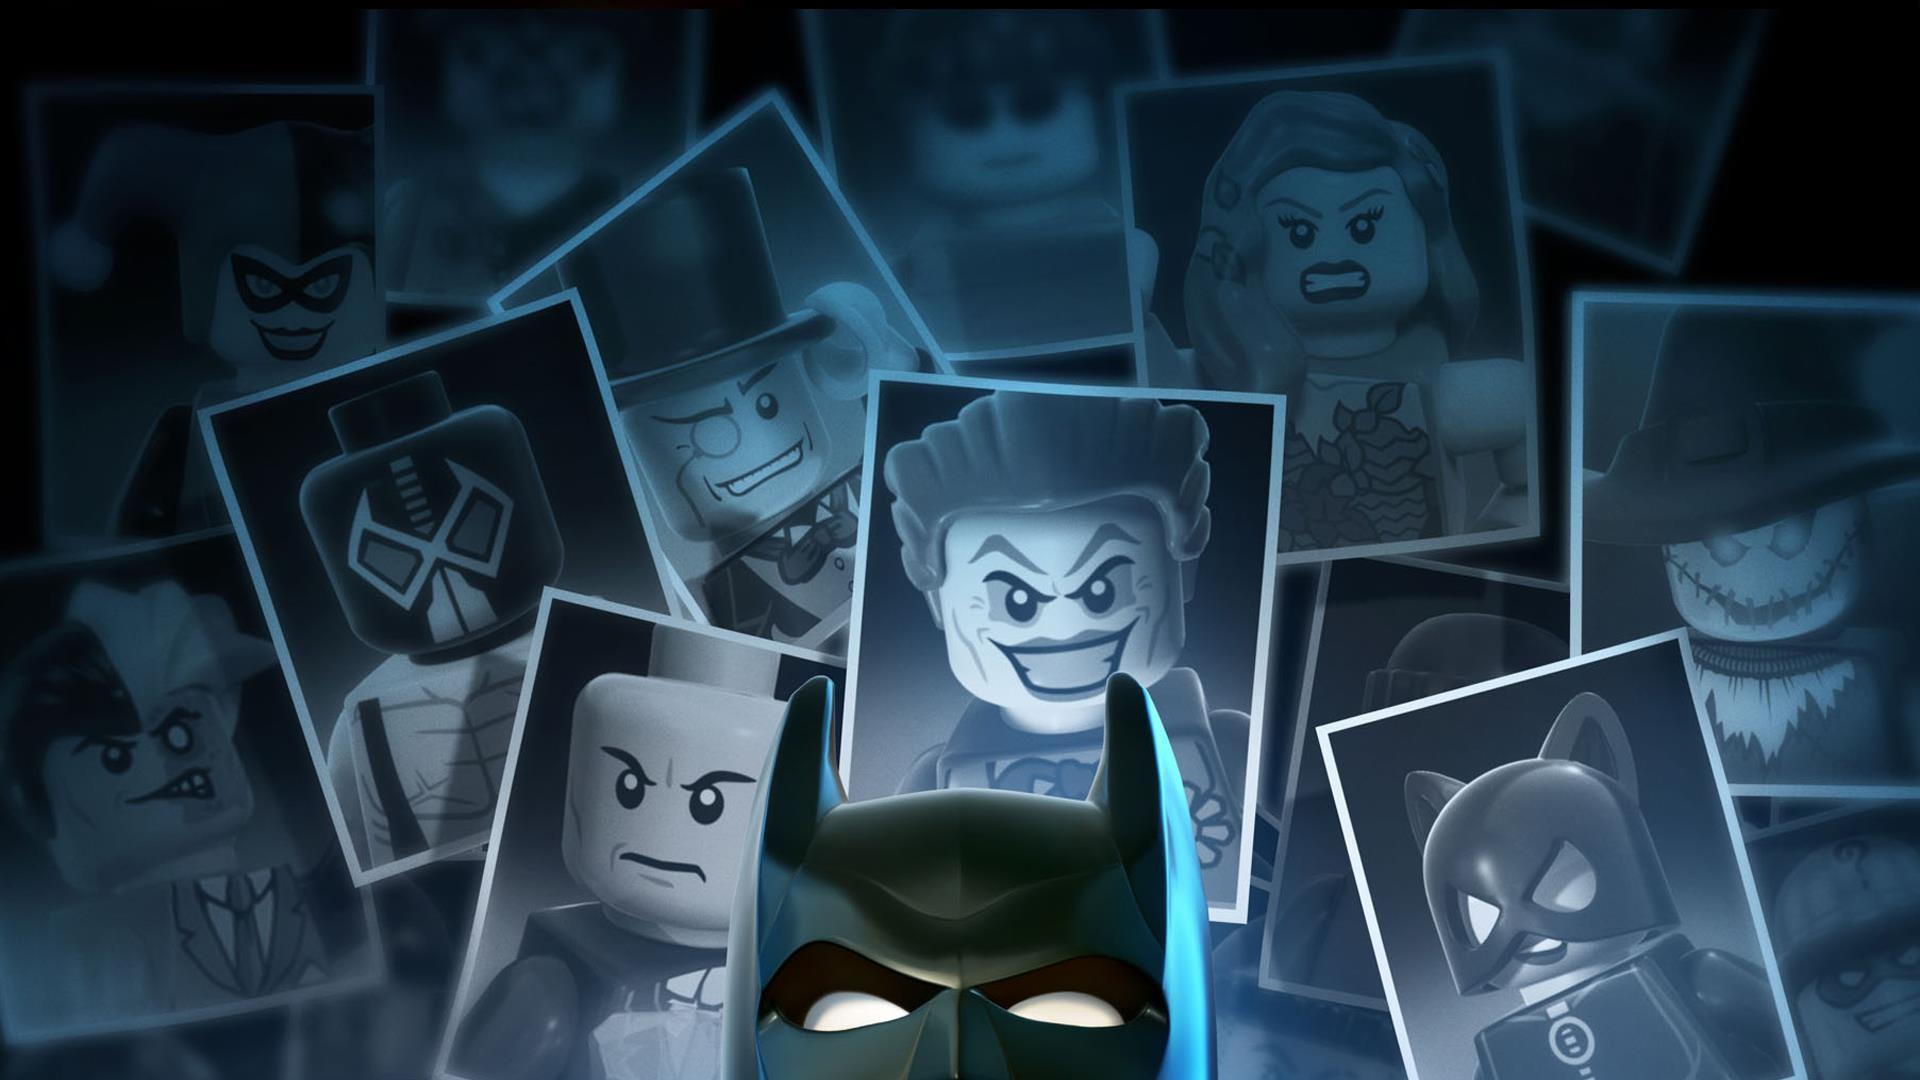 Lego batman 2 wallpaper